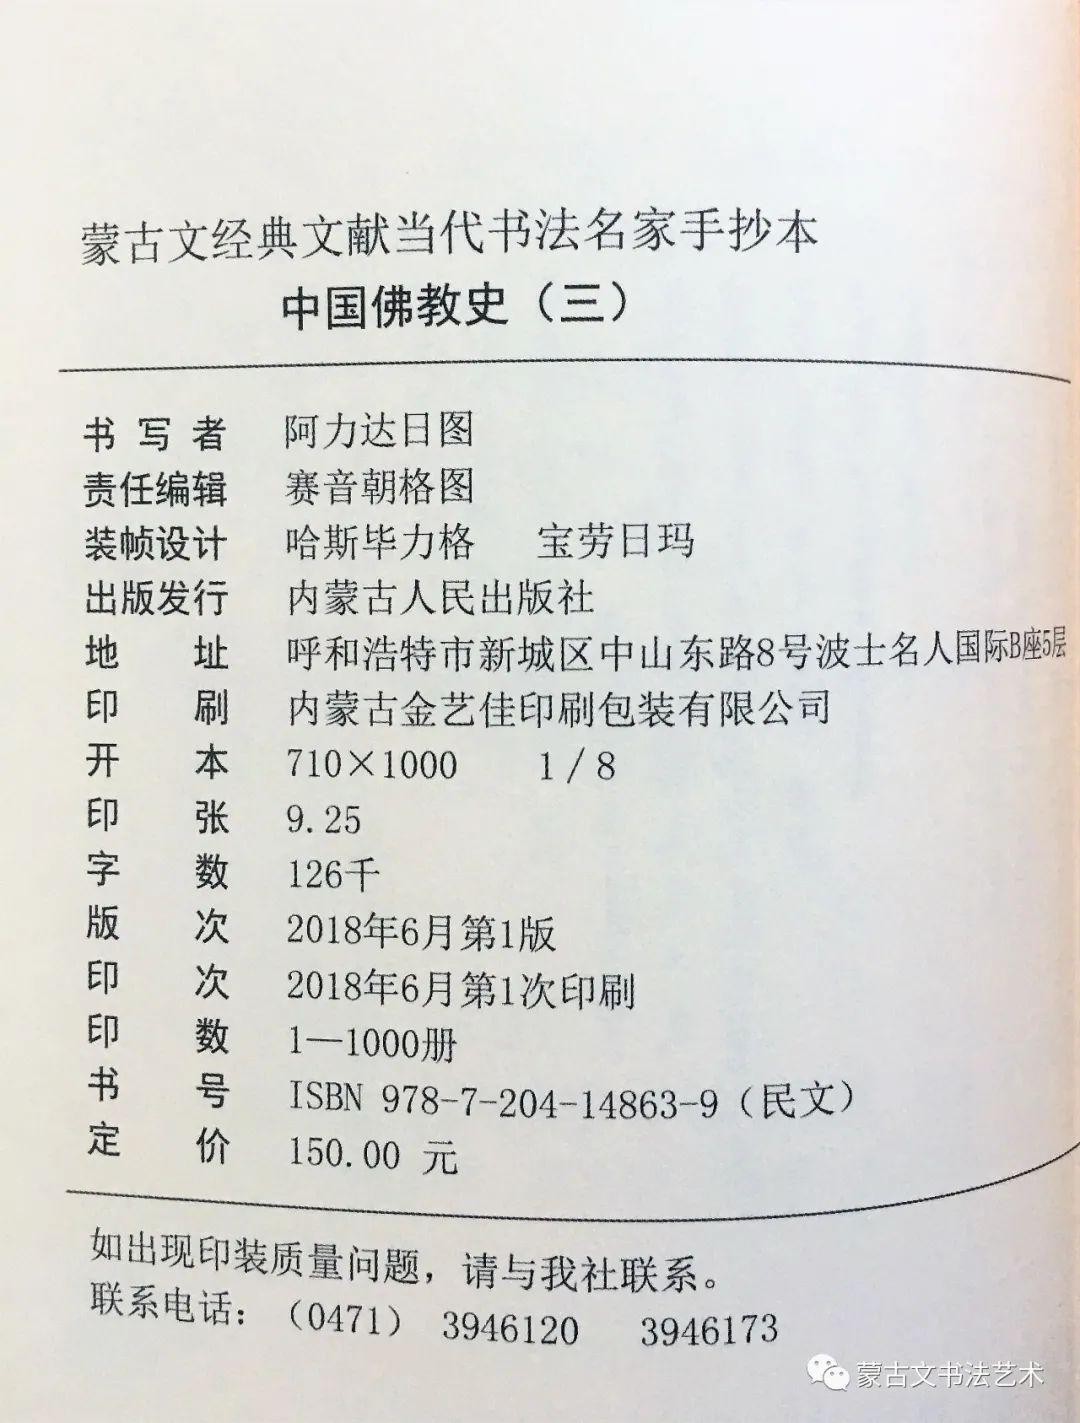 阿力达日图楷书著作-《中国佛教史(三)》 第2张 阿力达日图楷书著作-《中国佛教史(三)》 蒙古书法